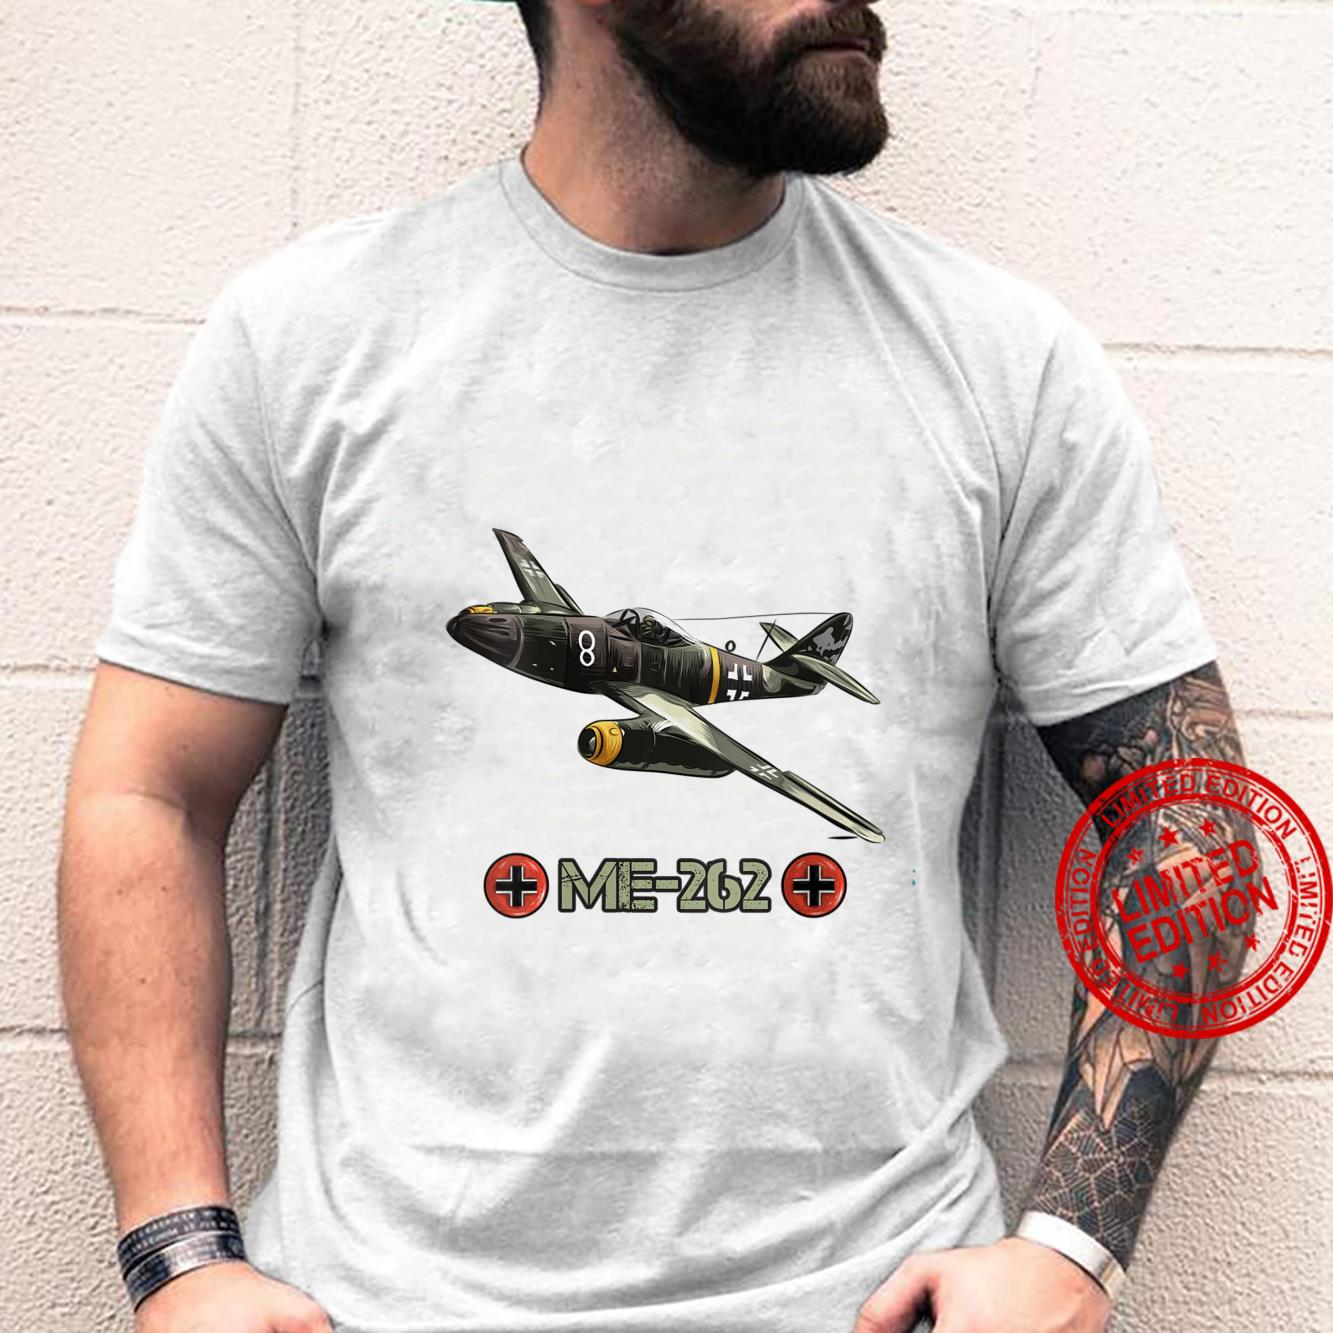 Womens World War 2 German Aircraft ME 262 Fighter Jet Memorabilia Shirt